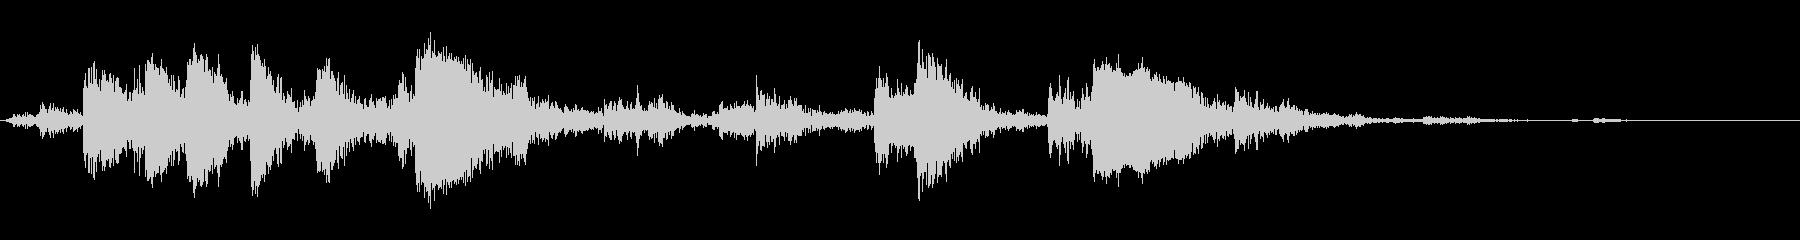 メタルクラッシュアンドクラッター、...の未再生の波形